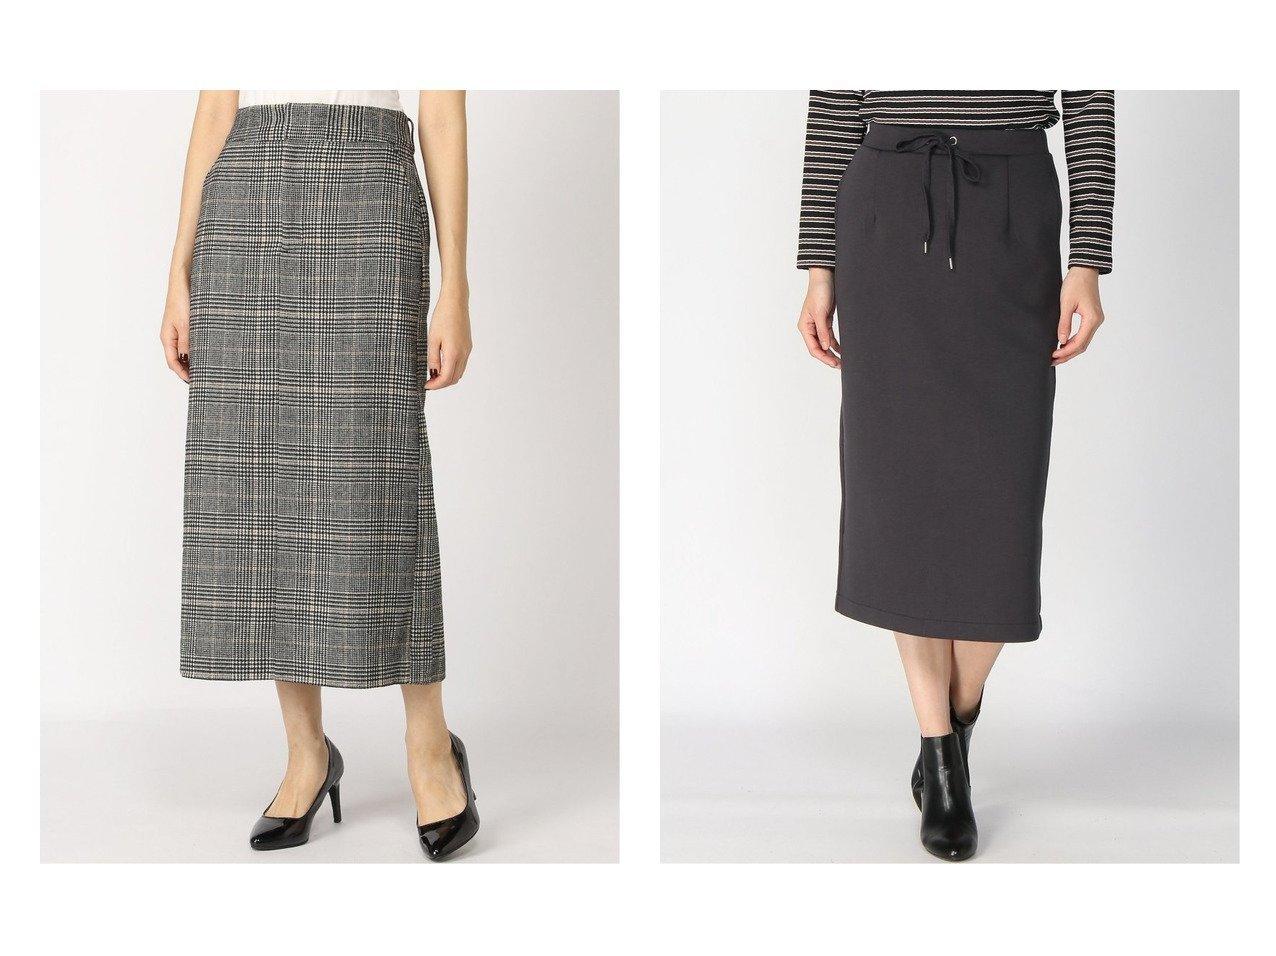 【GLOBAL WORK/グローバルワーク】のハンサムビジンスカート&ウールブレンドストレッチSK スカートのおすすめ!人気、レディースファッションの通販 おすすめで人気のファッション通販商品 インテリア・家具・キッズファッション・メンズファッション・レディースファッション・服の通販 founy(ファニー) https://founy.com/ ファッション Fashion レディース WOMEN スカート Skirt ロングスカート Long Skirt ストレッチ バランス フィット ロング カットソー タイトスカート 人気  ID:crp329100000001542